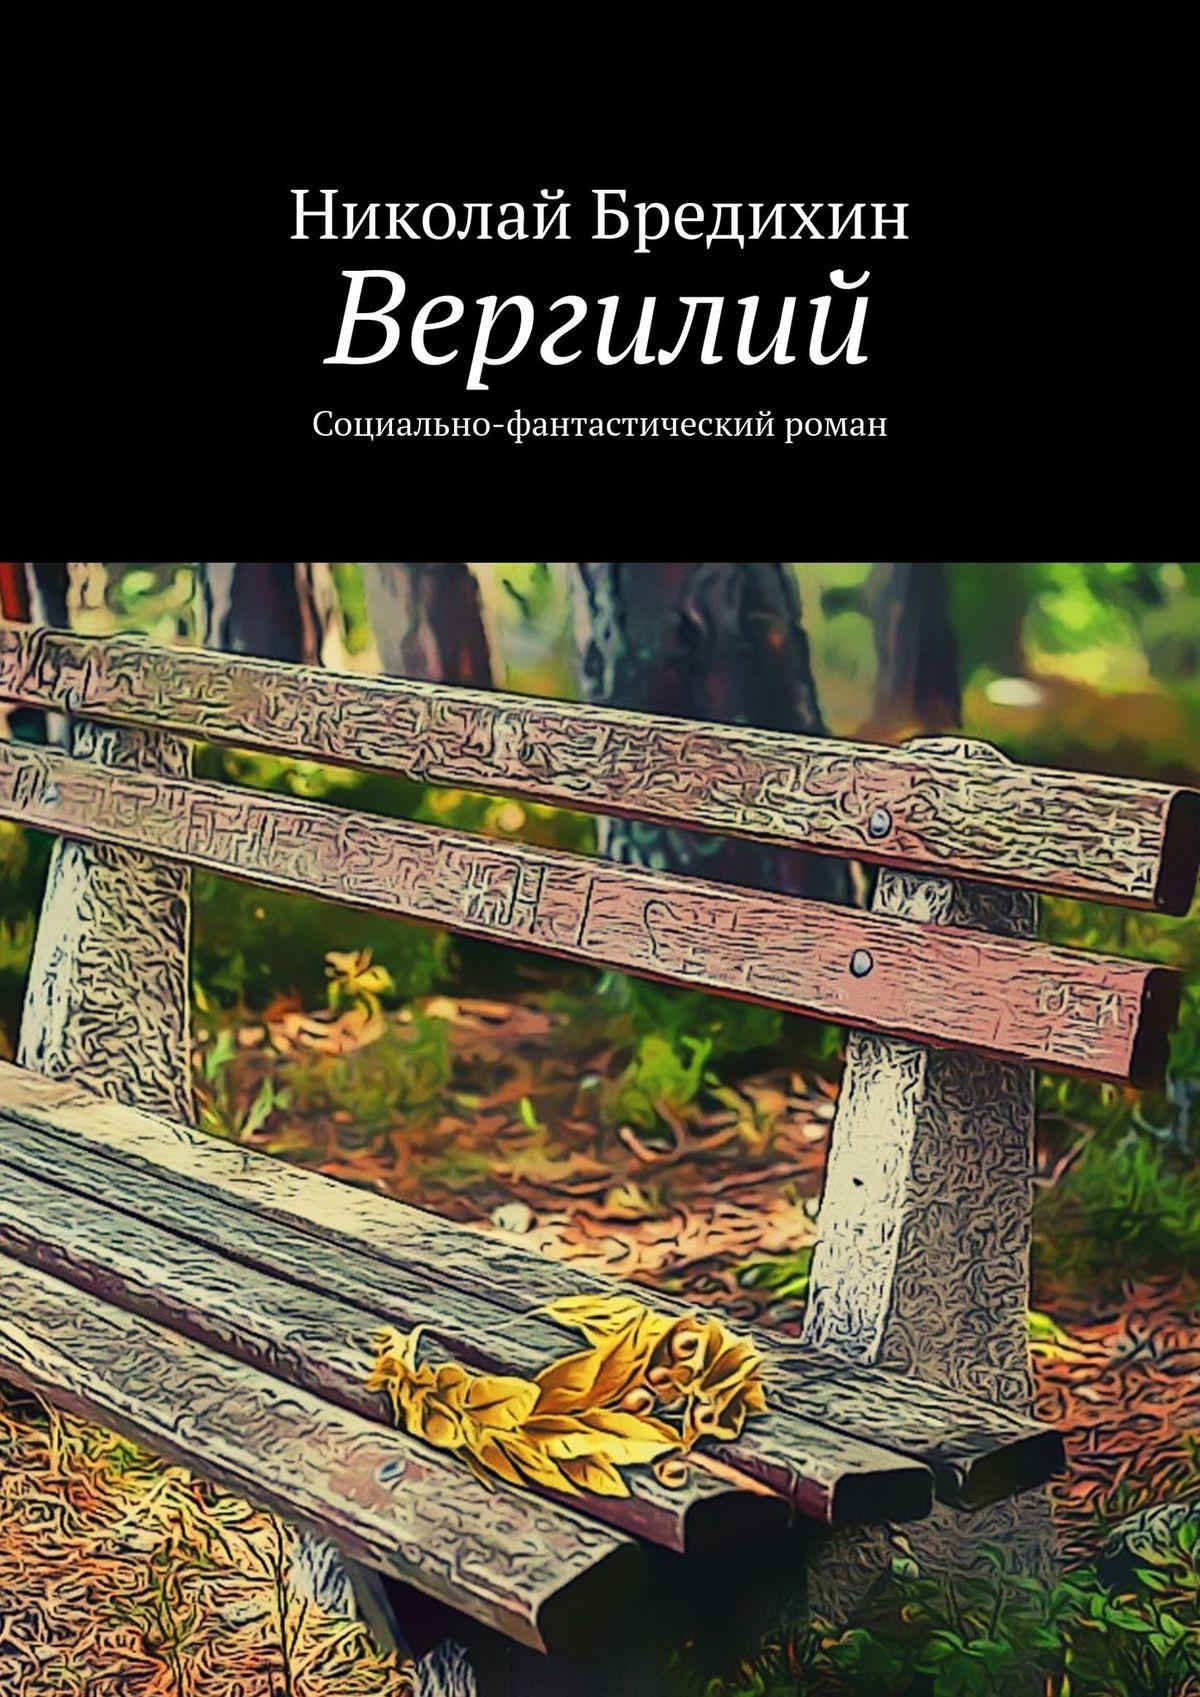 Купить книгу Вергилий. Социально-фантастический роман, автора Николая Бредихина